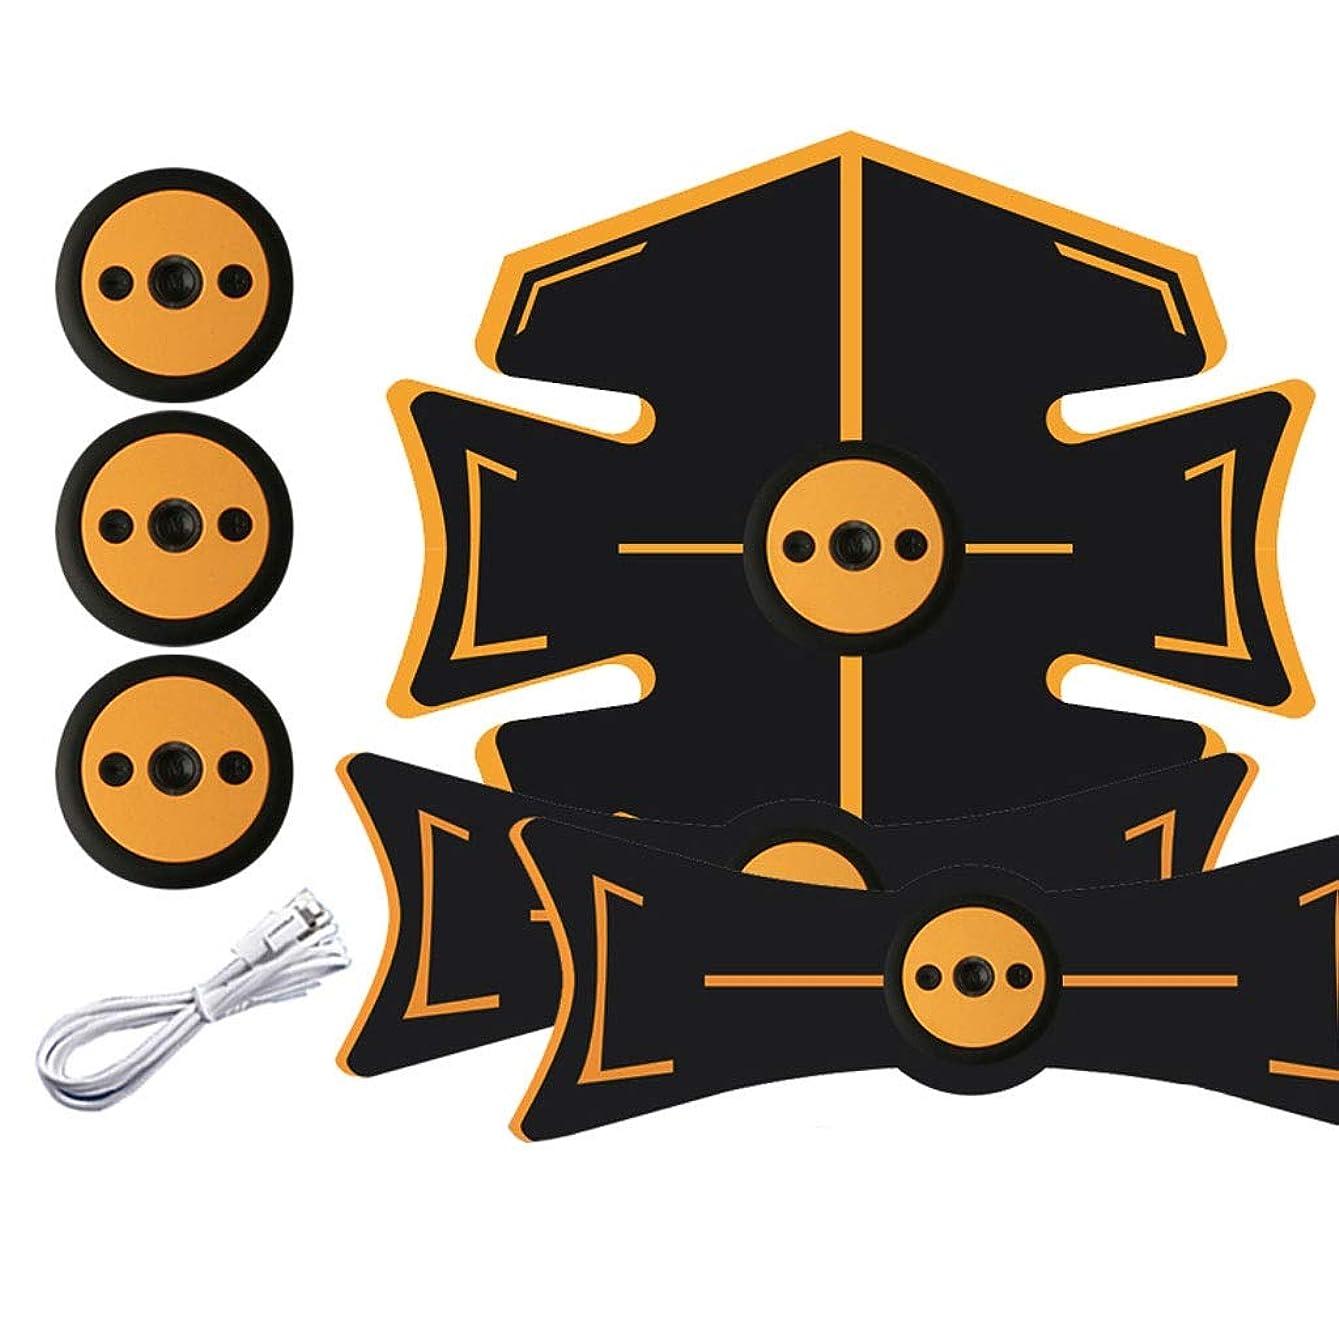 持つディスパッチ雨の腹部刺激装置、腹部調色ベルト、マッスルトナー、ポータブルマッスルトレーナー、ボディマッスルフィットネストレーナー9モード&15レベル腹部用シンプル操作